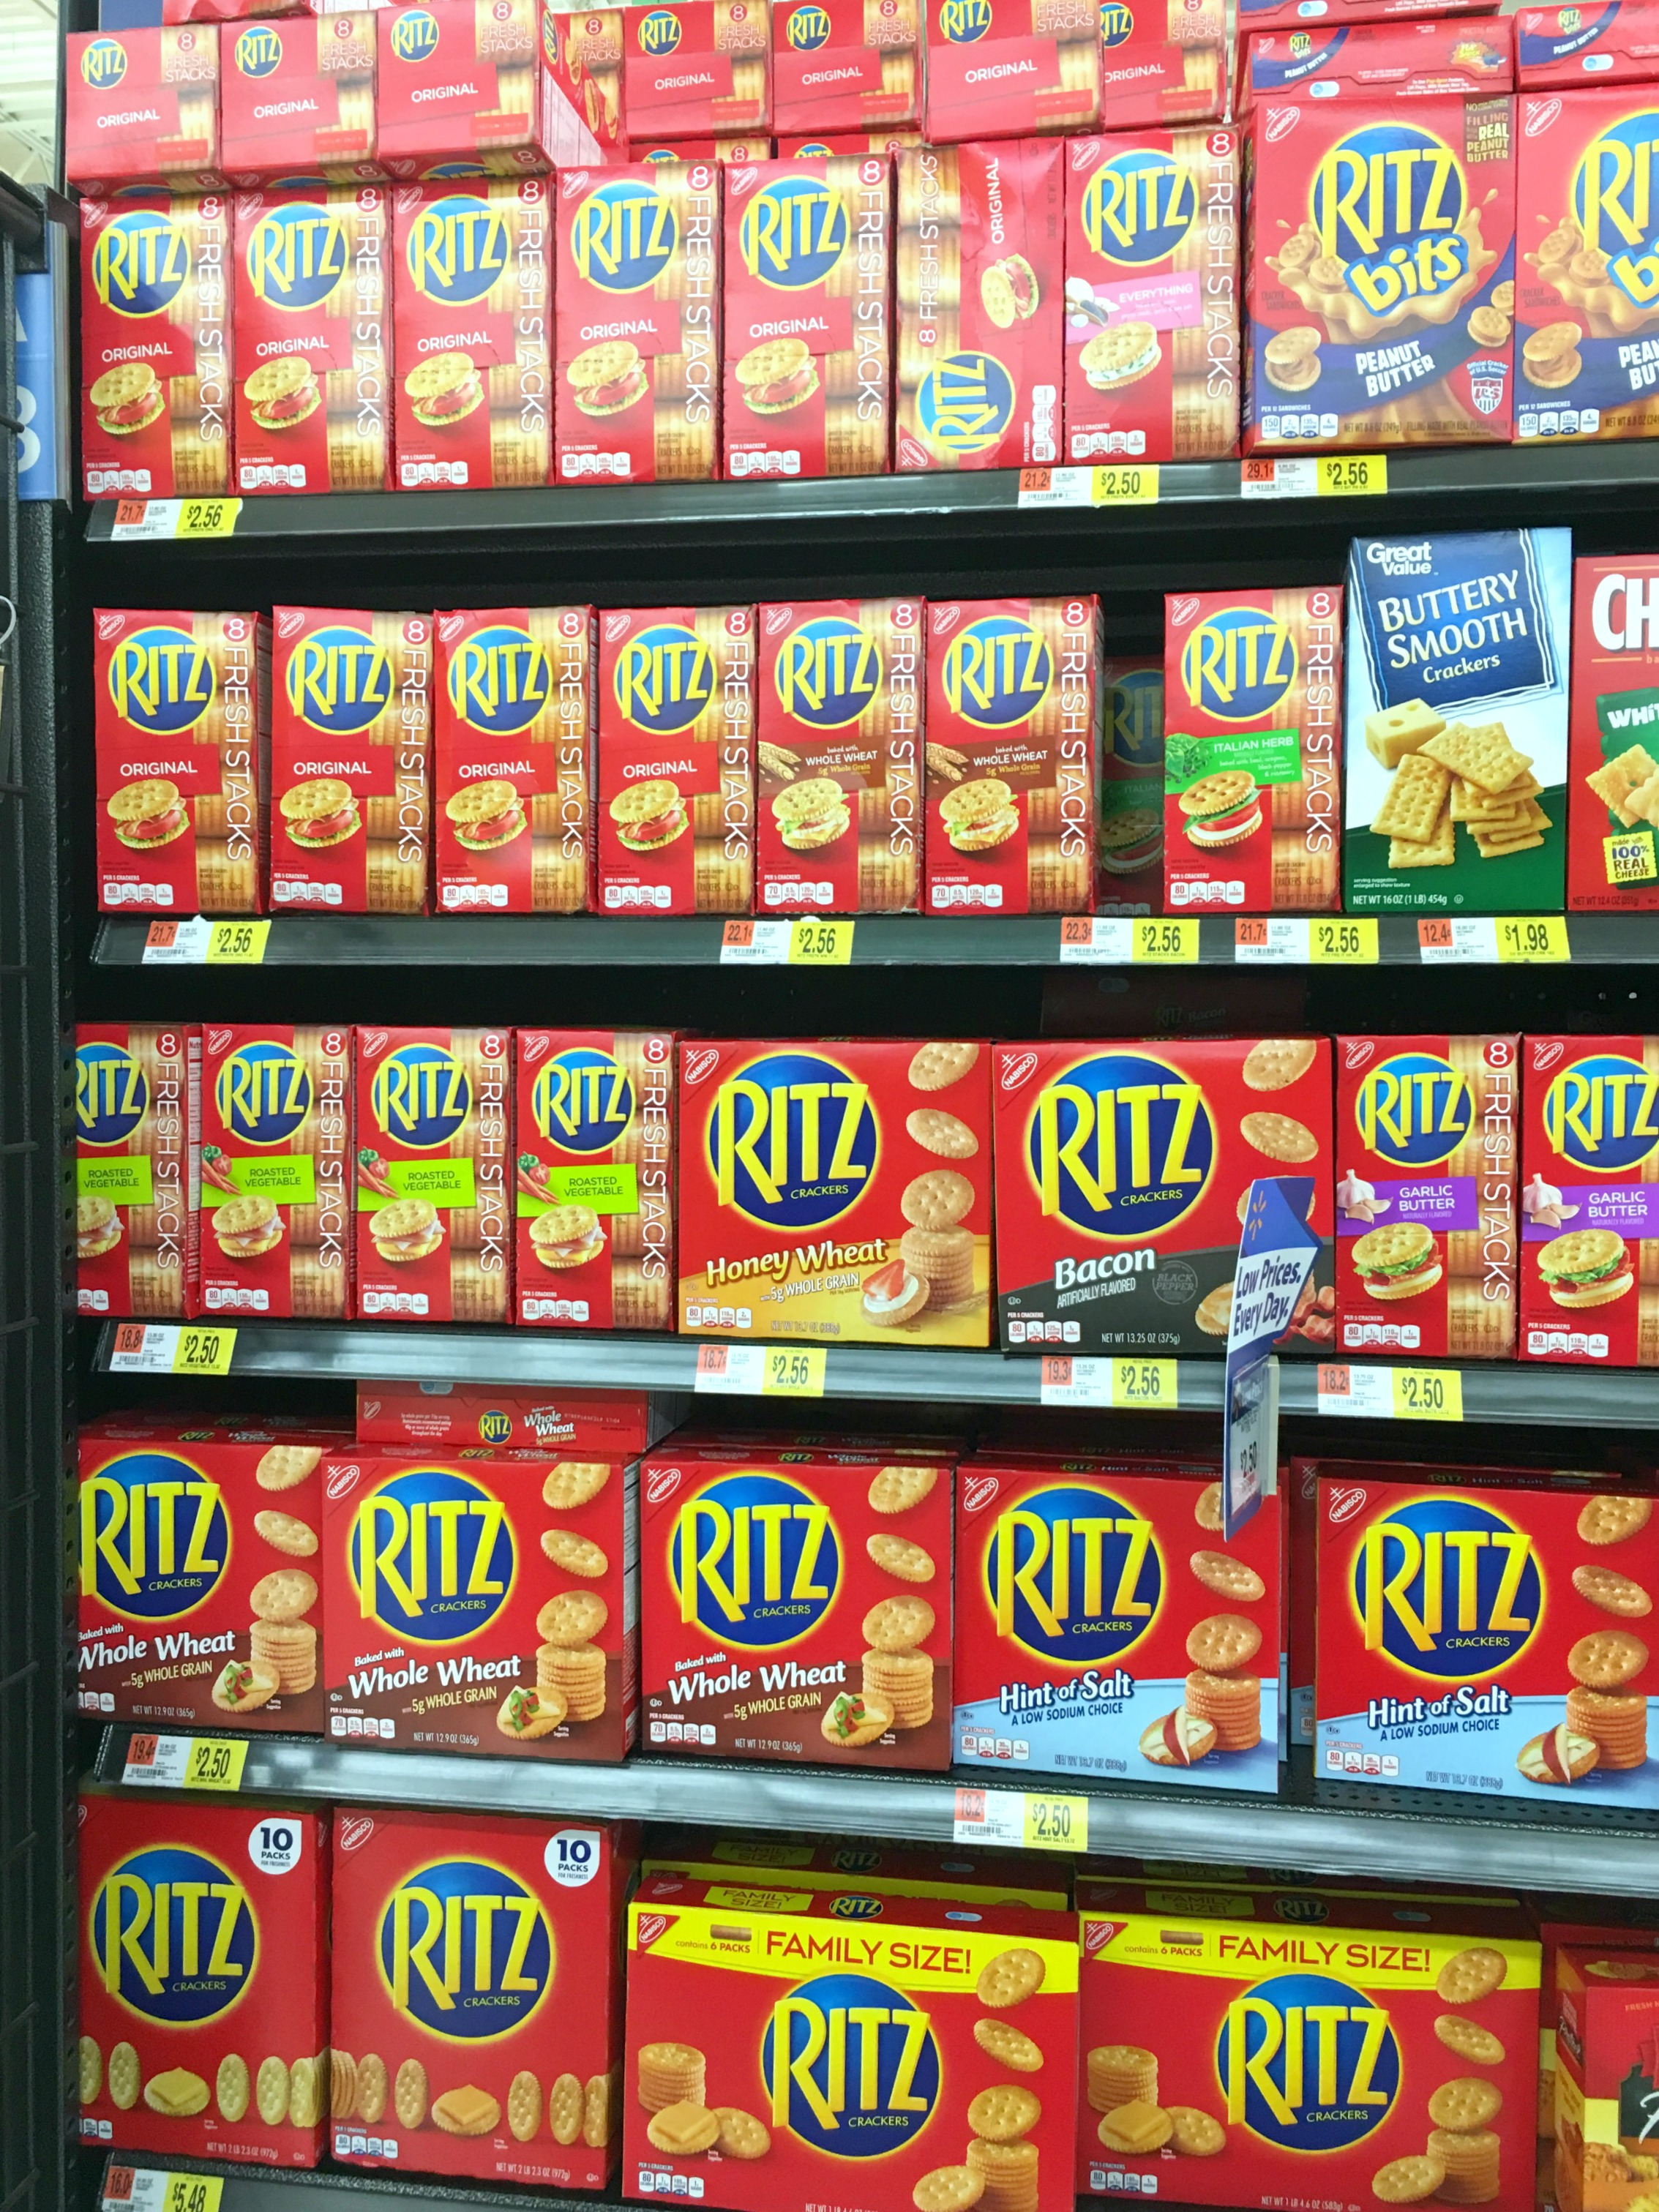 Strawberry Fudge RITZ Stacks are a fun and easy snack idea!